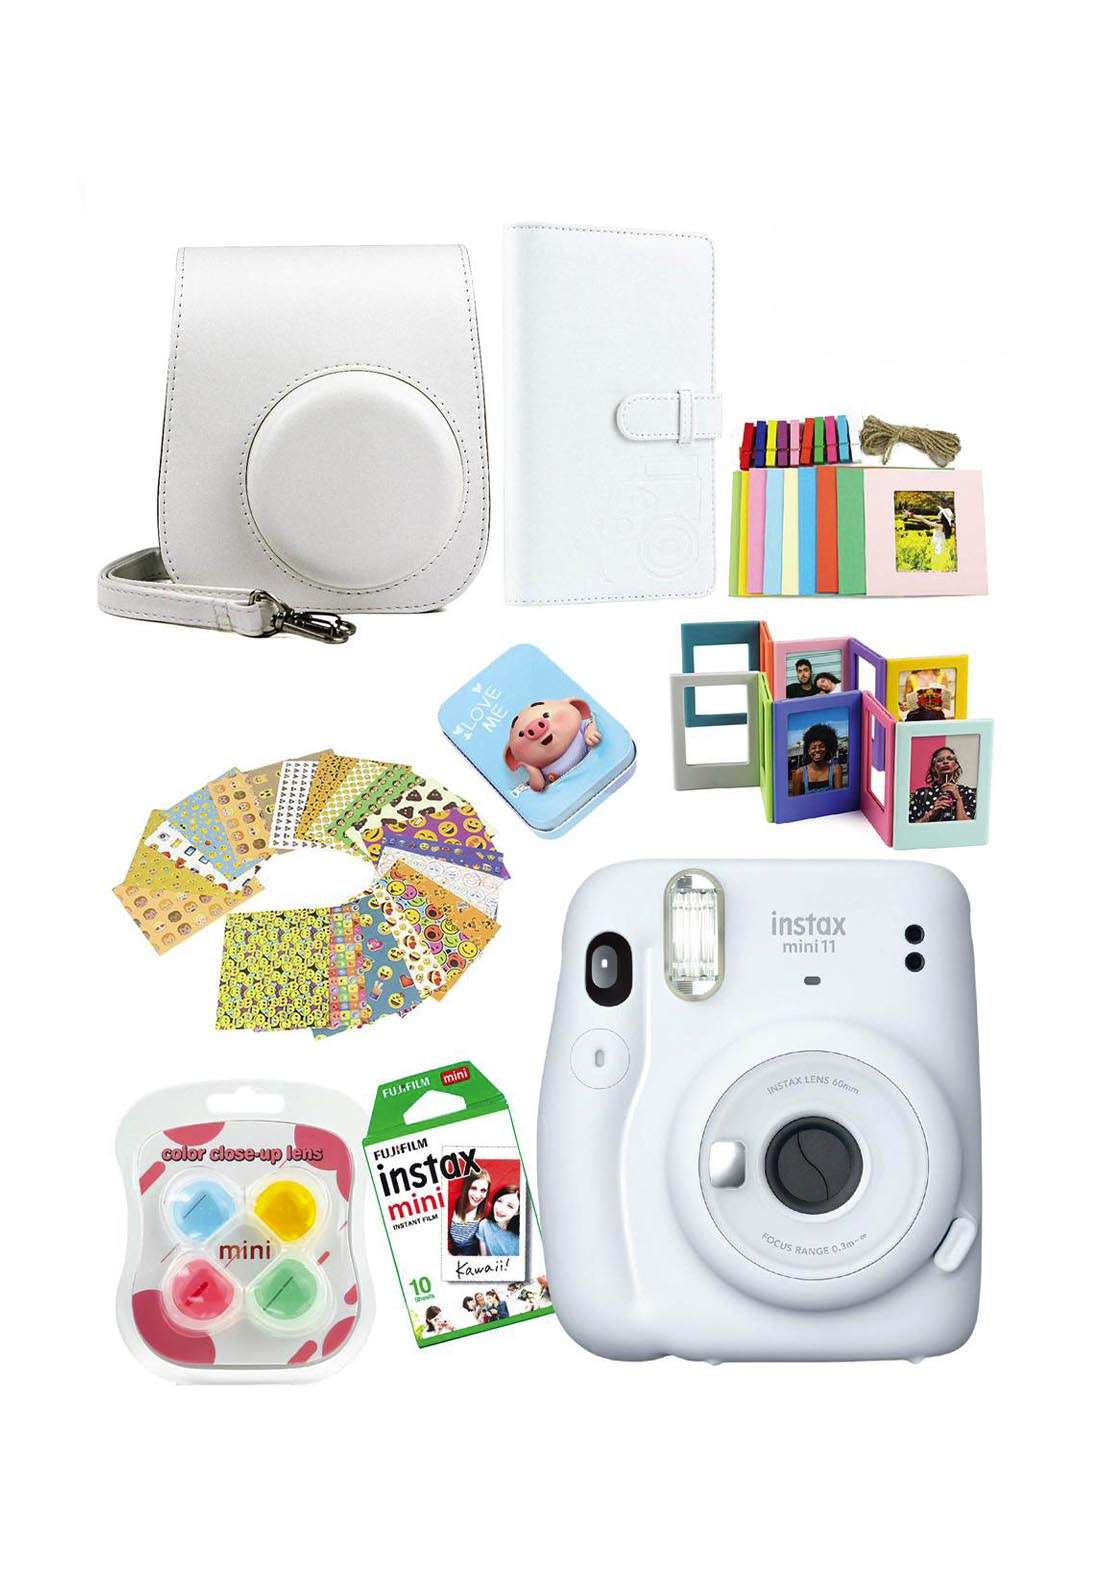 Fujifilm Instax MemoriesPack Mini11 Camera Package - Gray كاميرا فورية